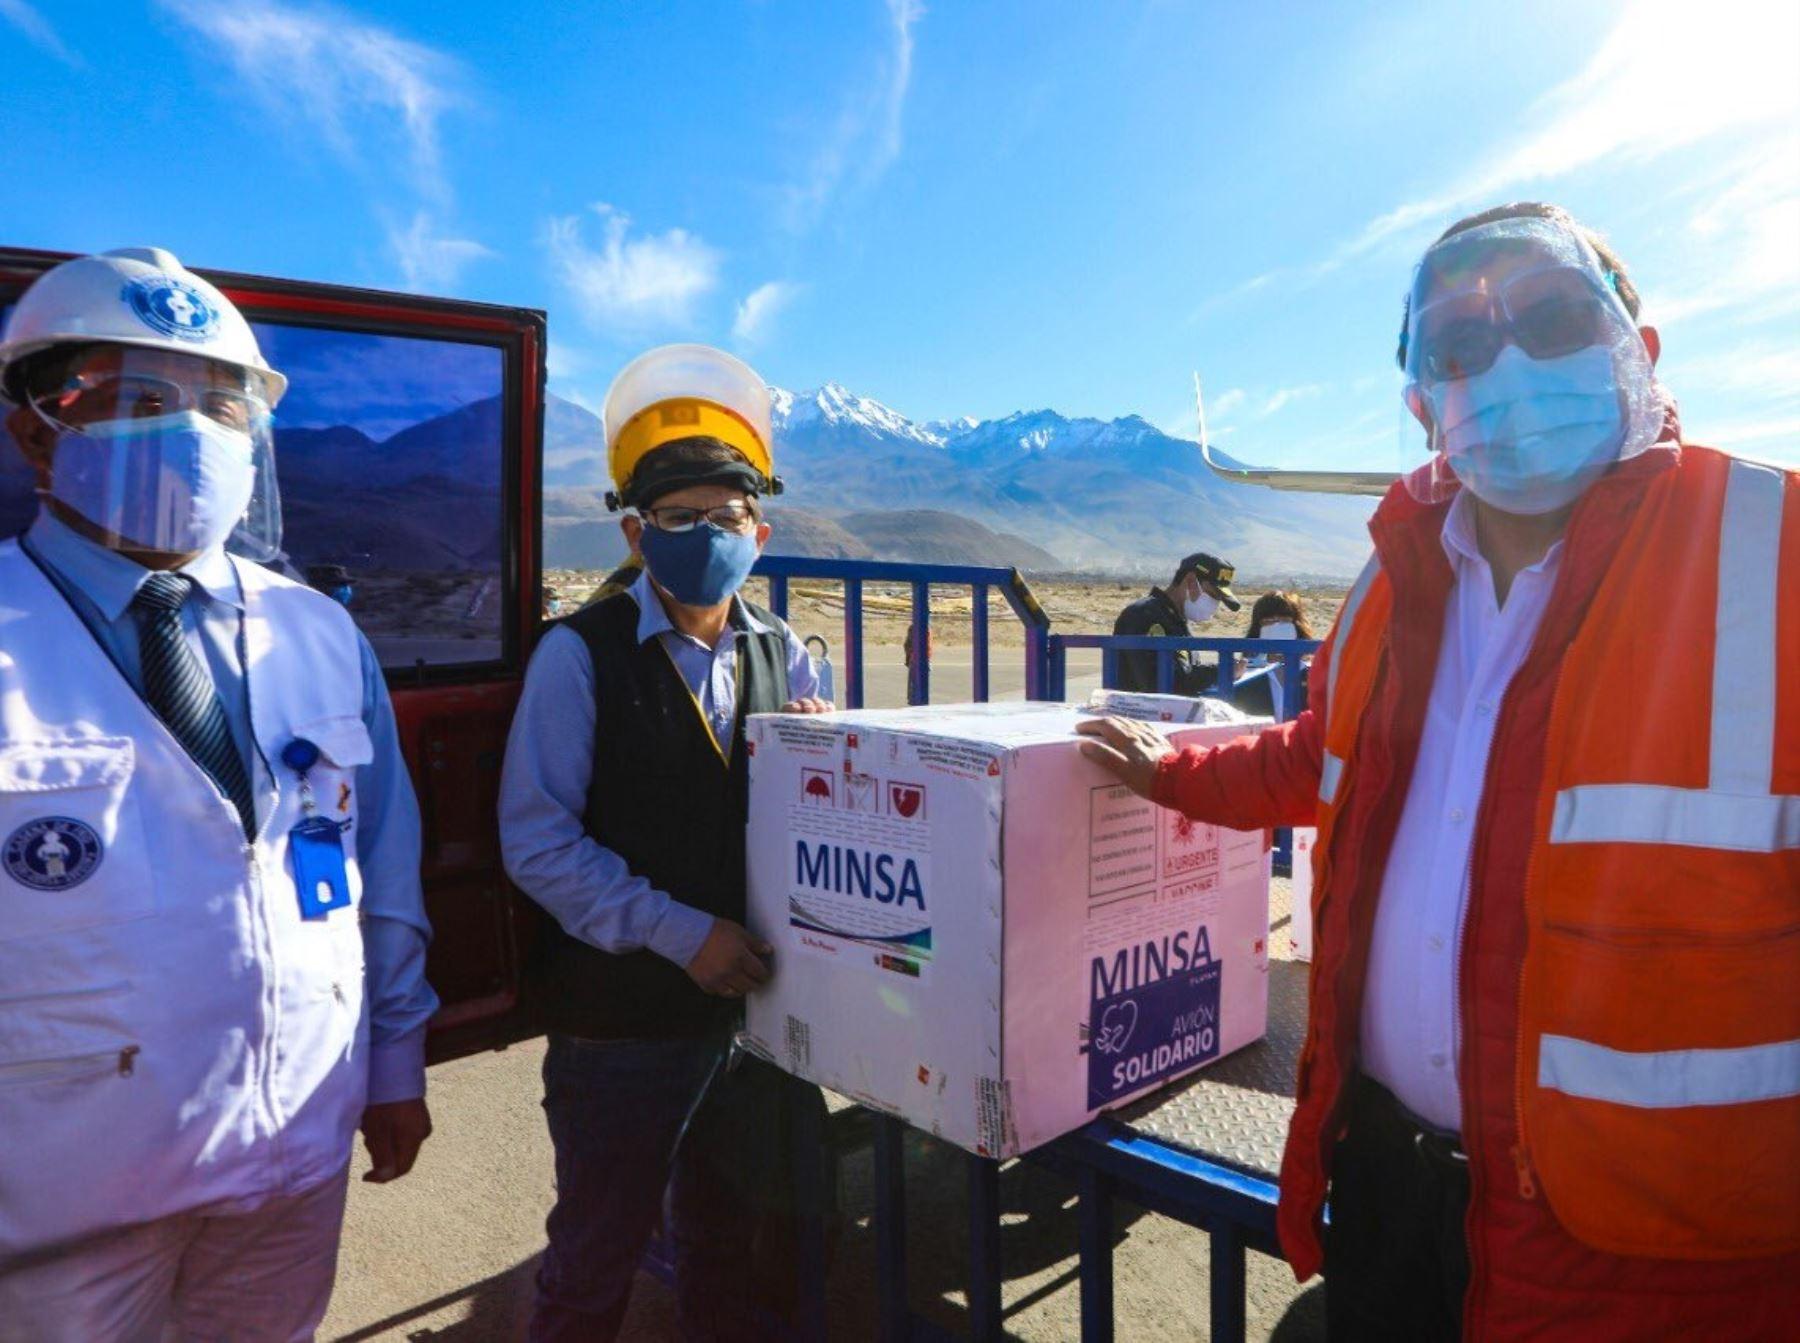 Arequipa recibe nuevo lote de vacunas contra la covid-19 y está lista para inocular a adultos mayores, resaltó el ministro de Desarrollo Agrario y Riego, Federico Tenorio.